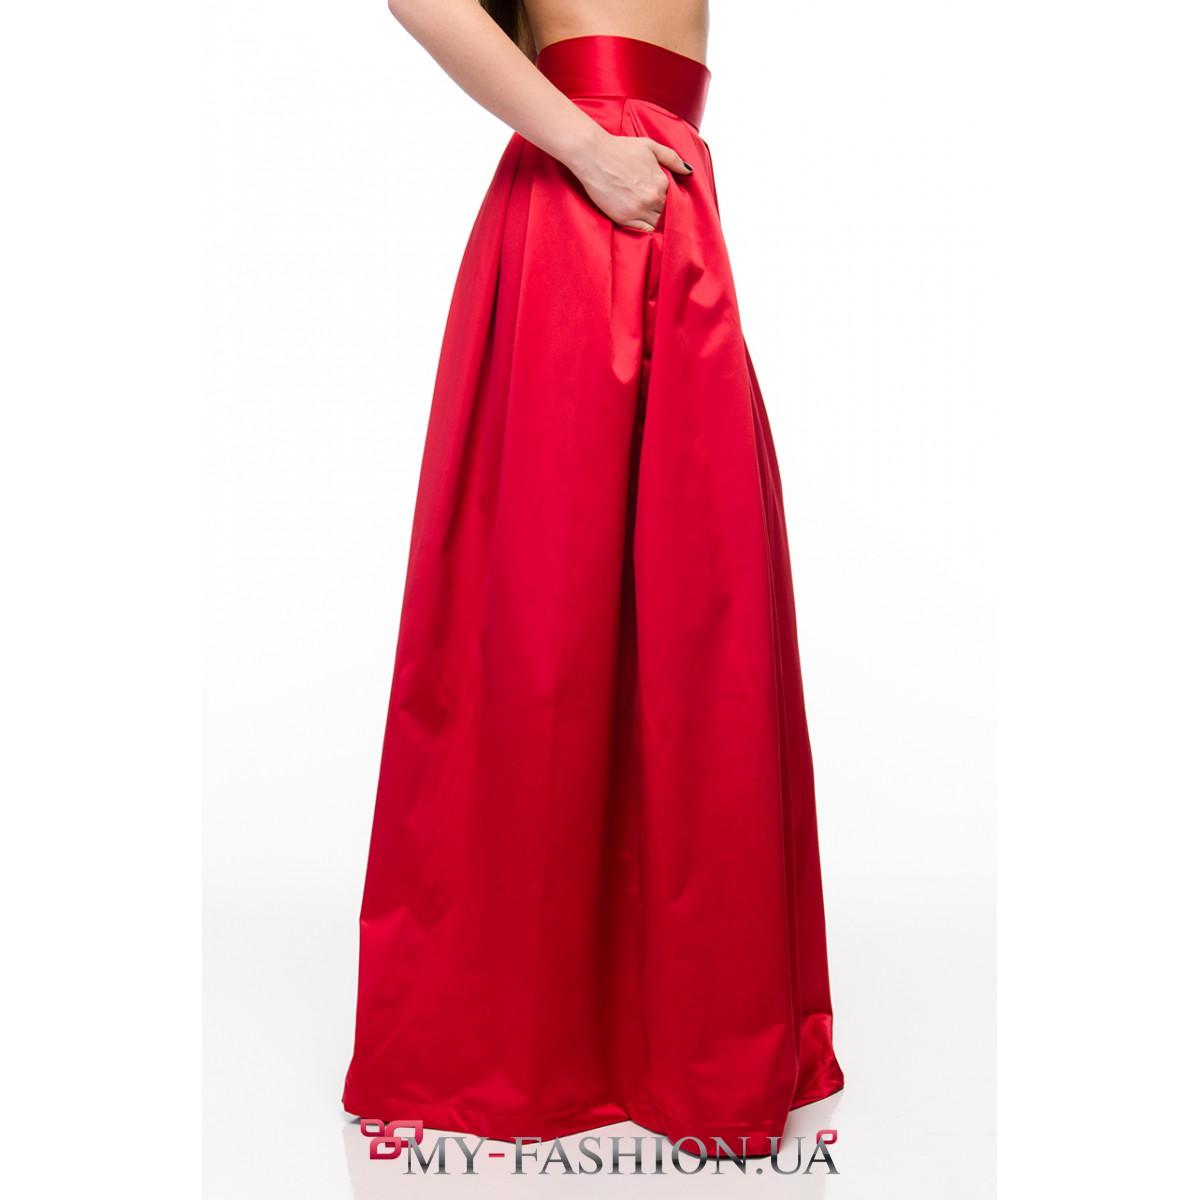 Длинные юбки в москве